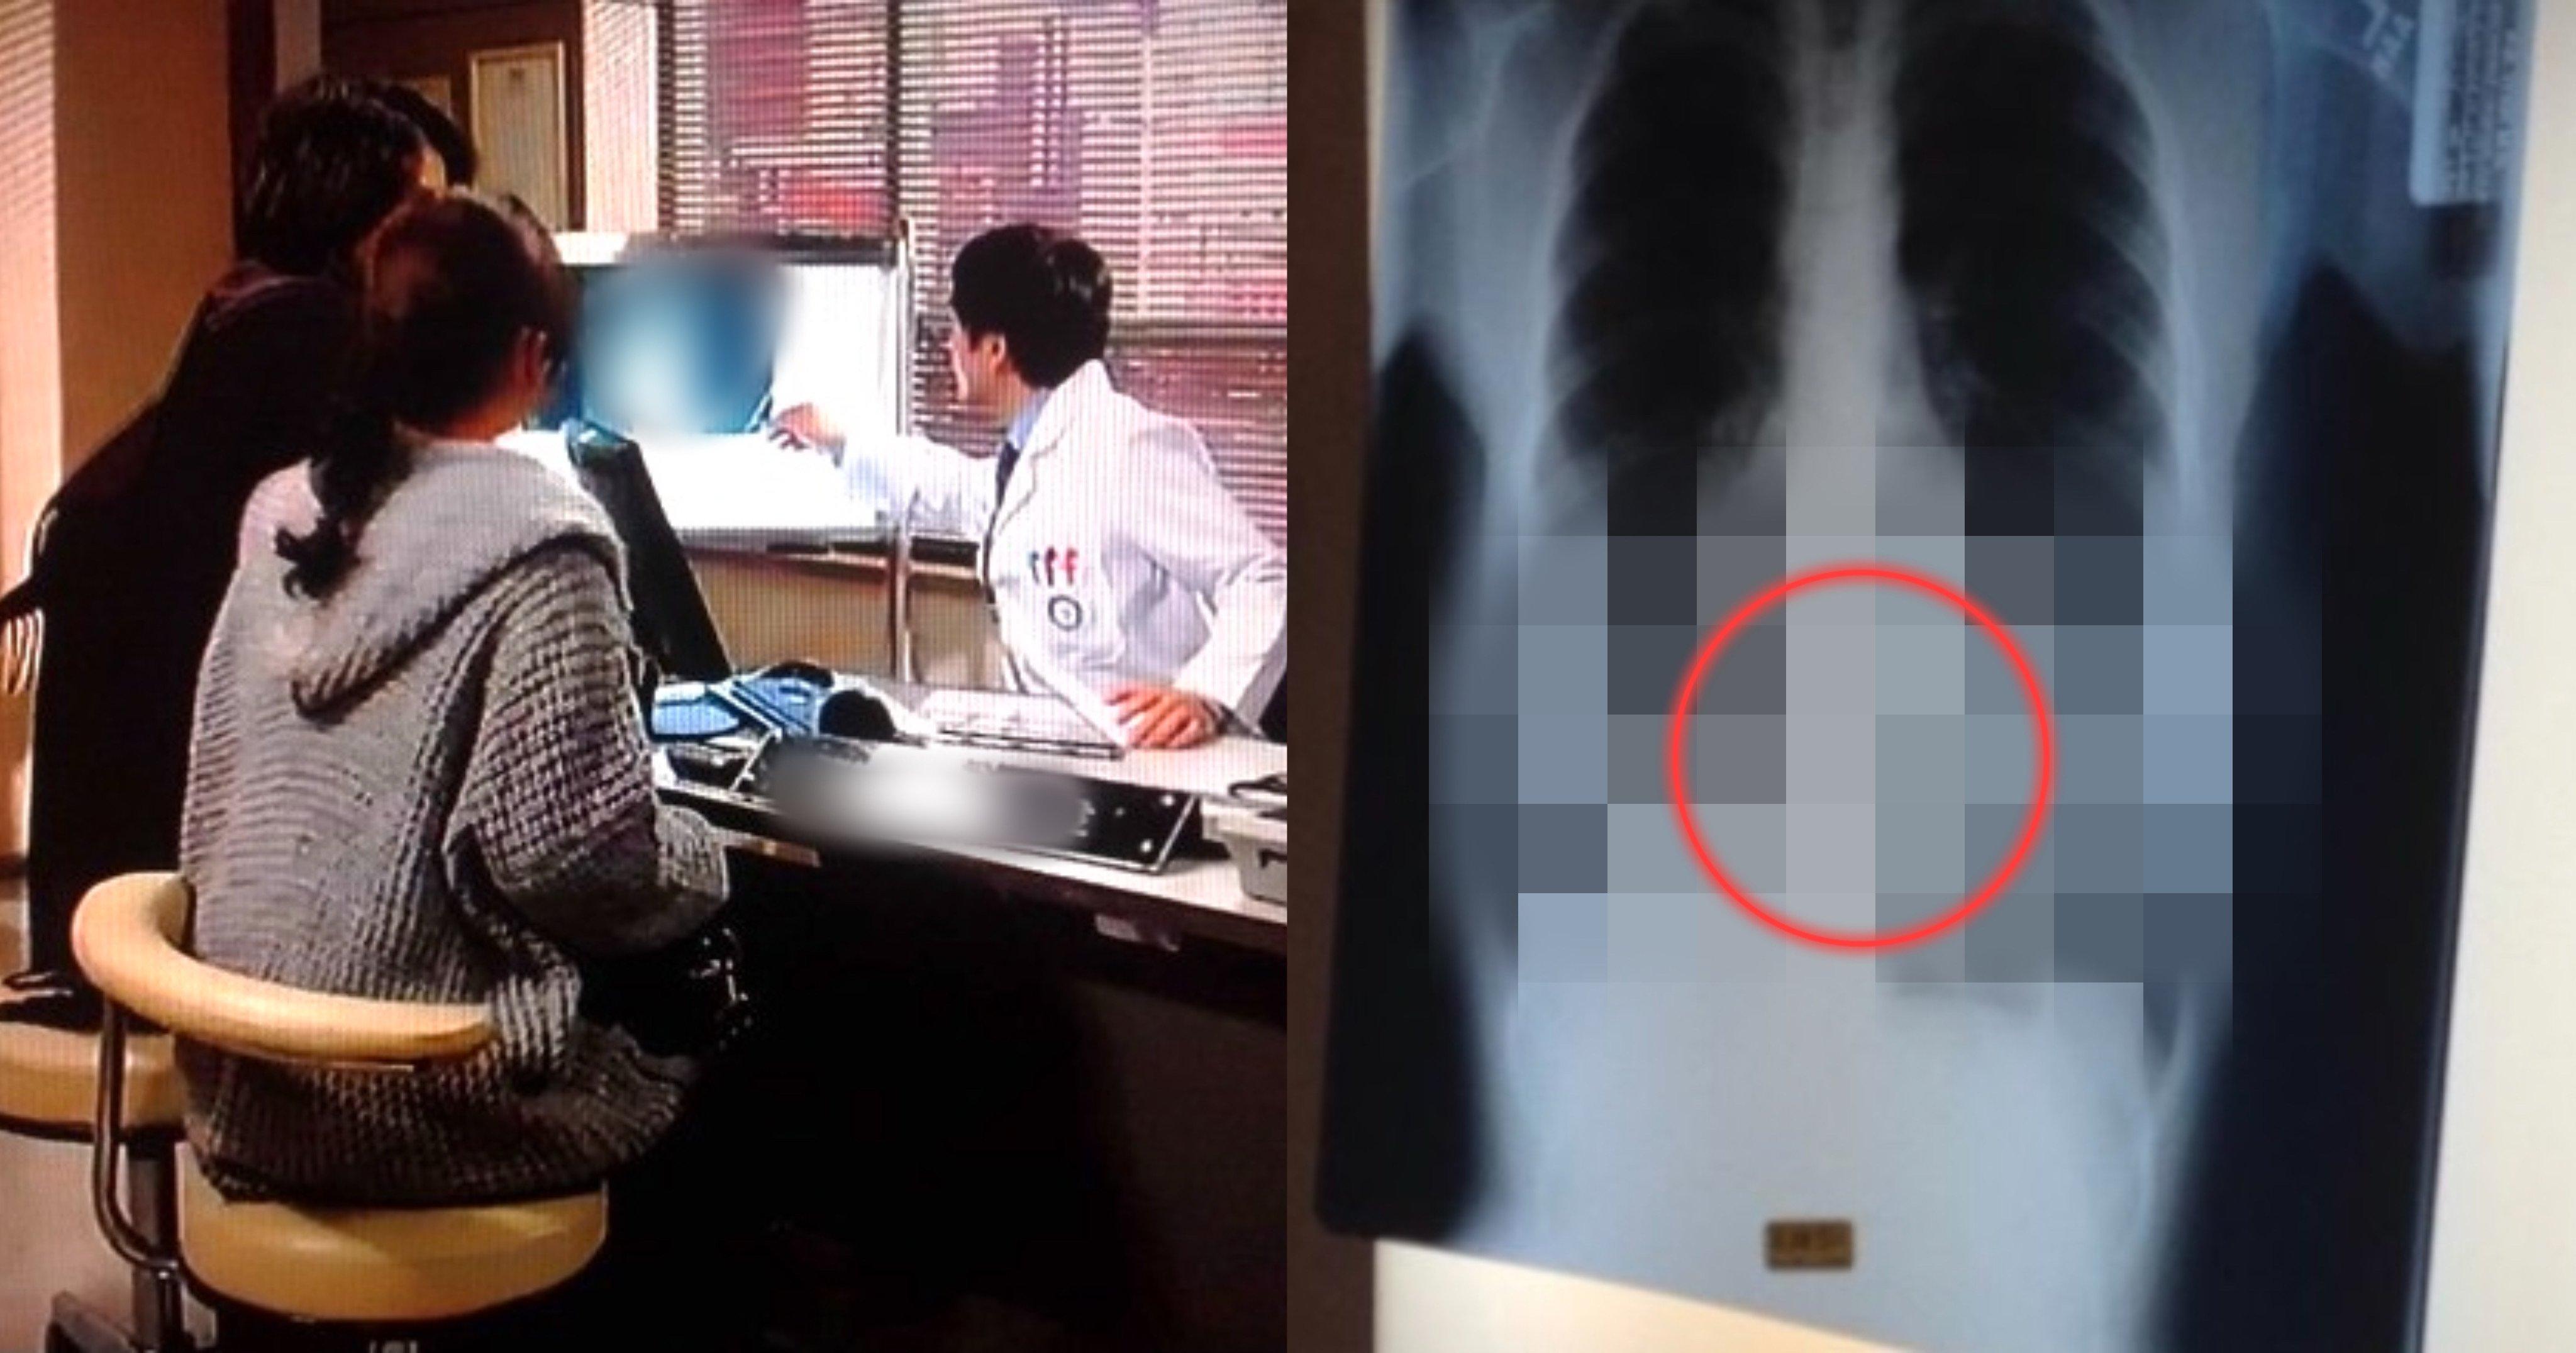 """c391526a 7402 4d35 b90a cff1de19209d.jpeg?resize=1200,630 - 「お母さんと病院に行ってレントゲンを撮ったんだけど…」""""そこ""""にあった…バレてしまった、どうしよう…?"""